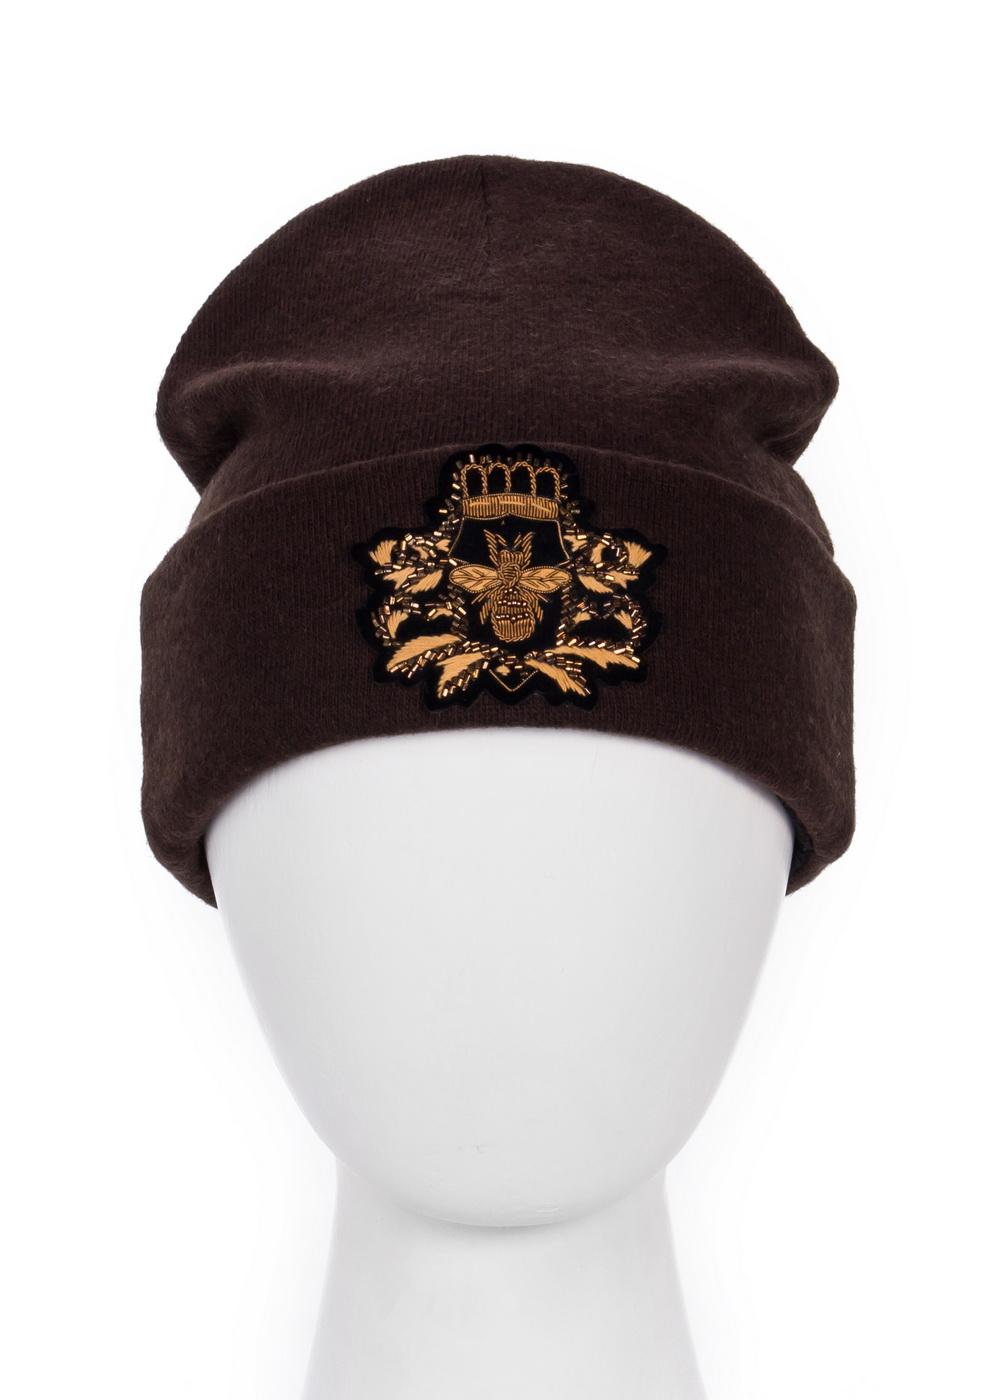 Шапка женская Level Pro, цвет: темно-коричневый. 999339. Размер 56/58999339Женская шапка Level Pro изготовлена из комбинации вискозы, акрилика, шерсти, эластана и кашемира, подкладка - из флиса. Уважаемые клиенты!Размер, доступный для заказа, является обхватом головы.